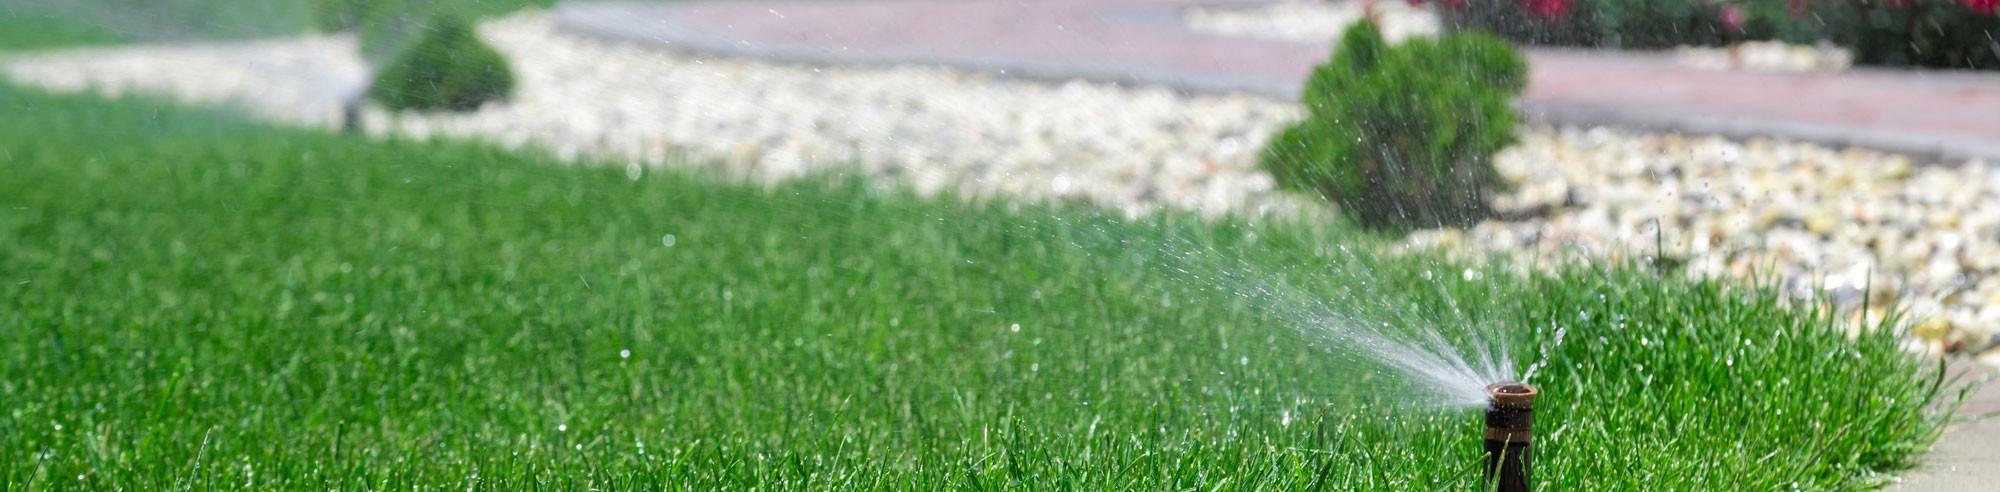 Your Sprinkler System